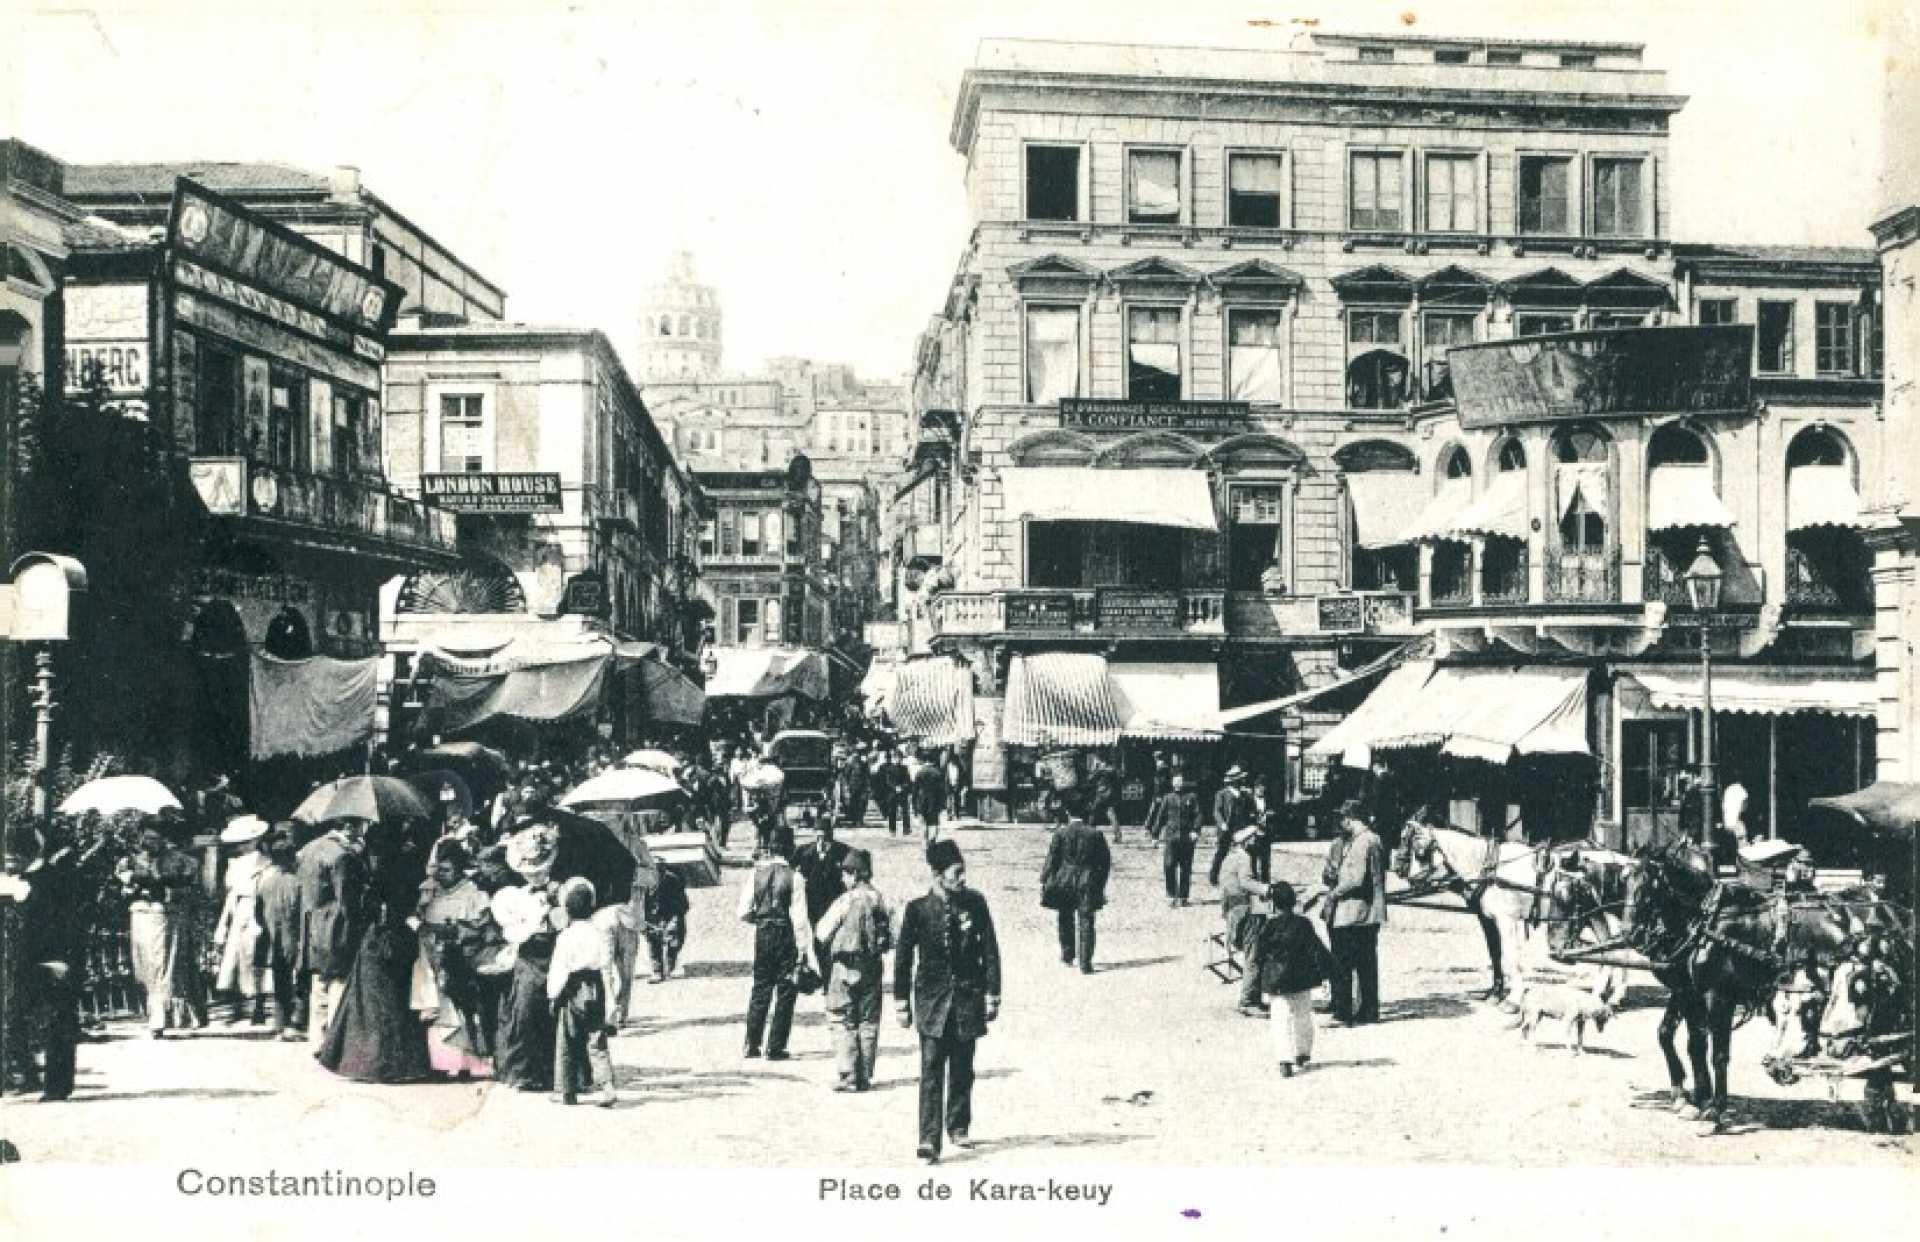 Place de Kara-keuy. Constantinople